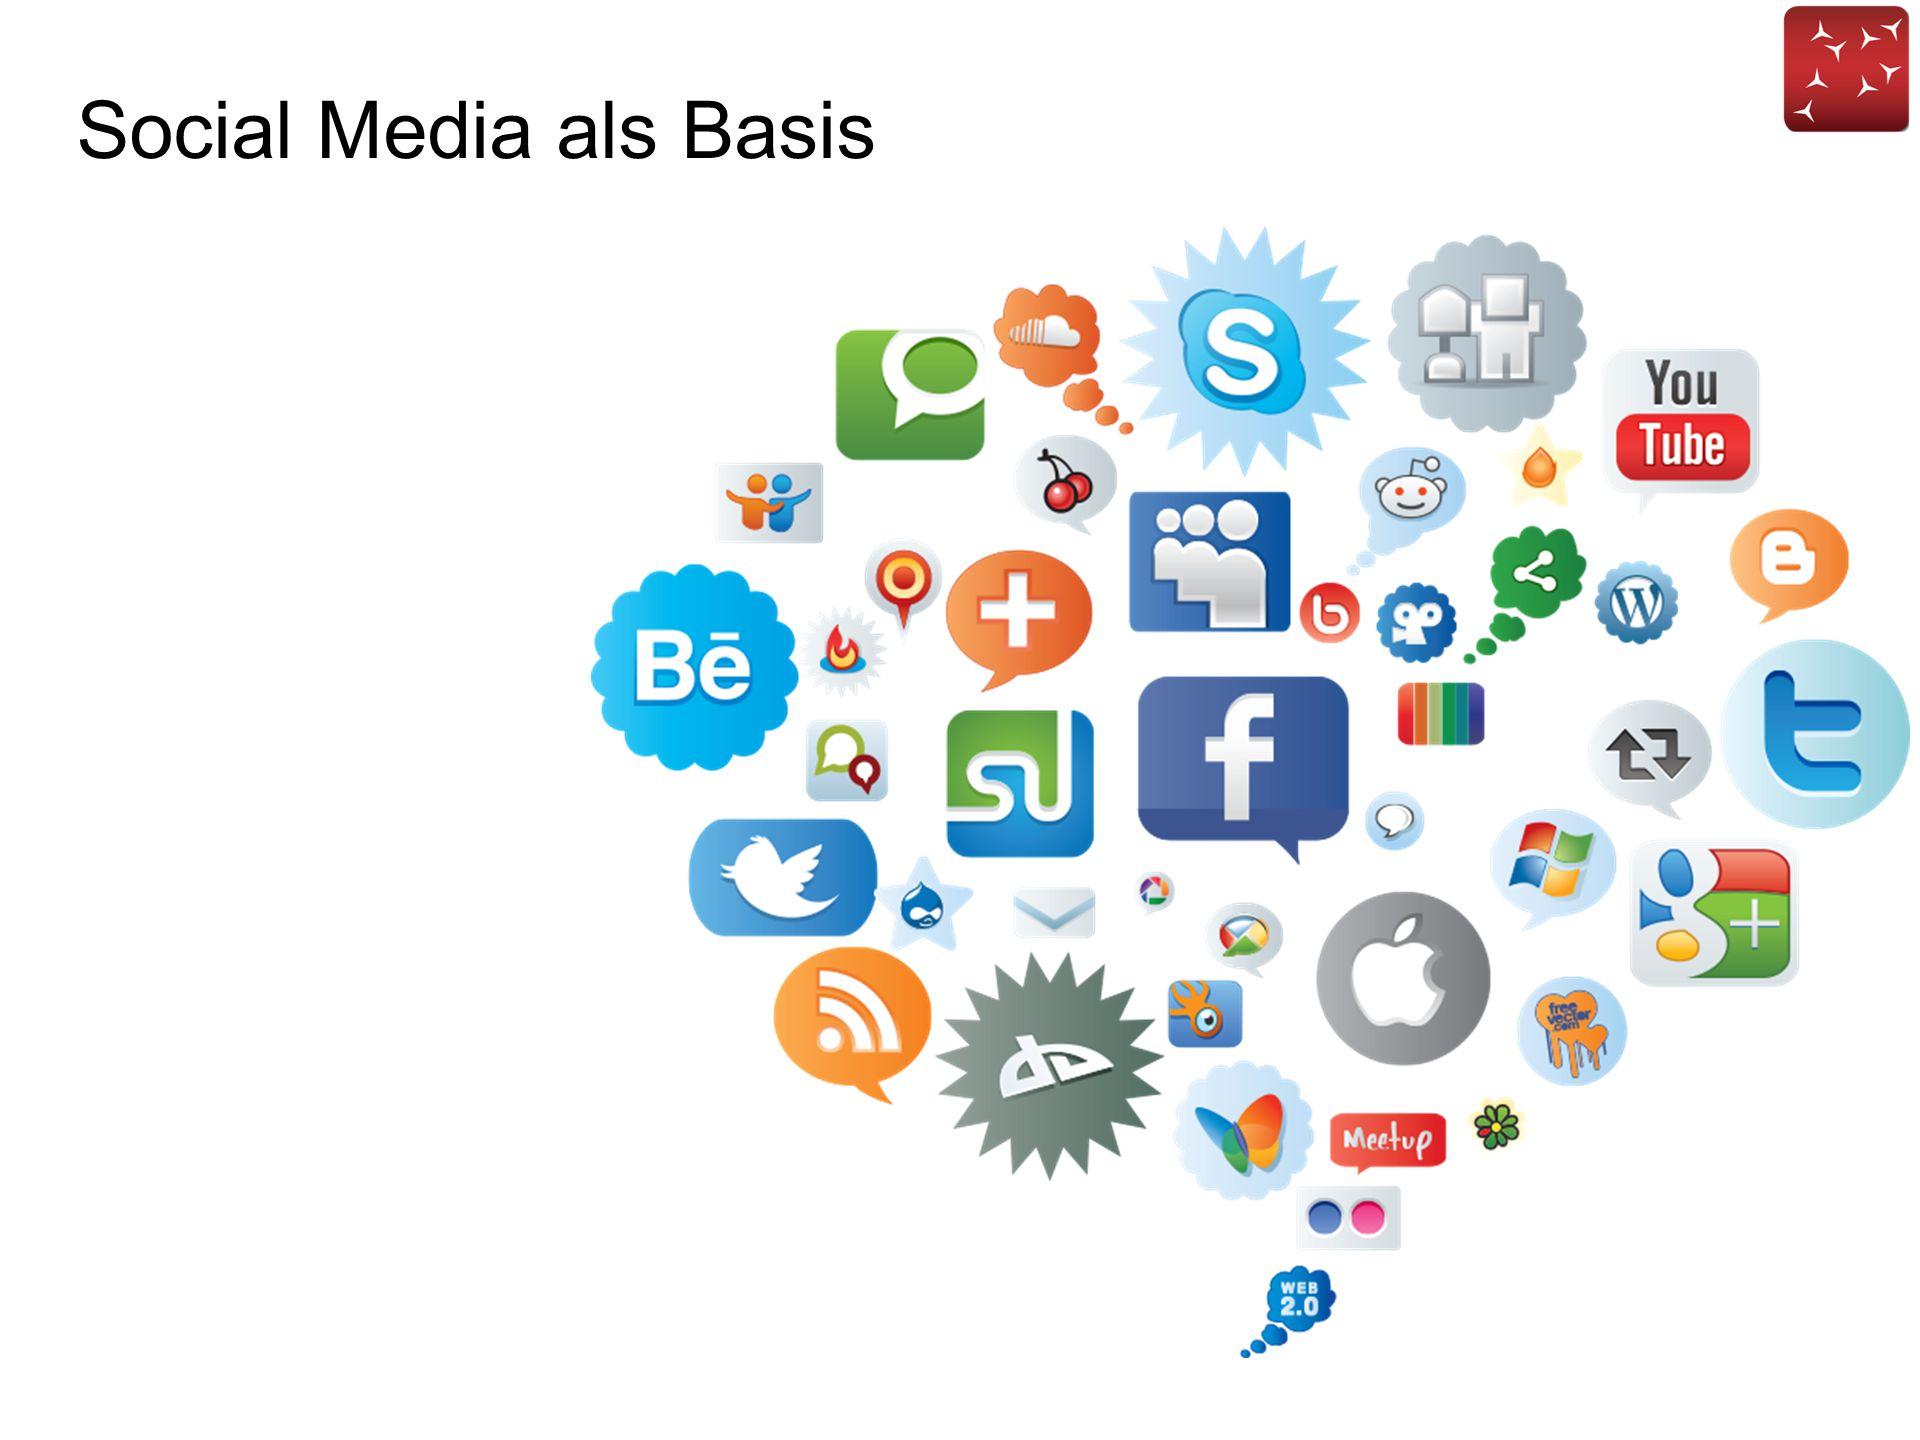 Social Media als Basis